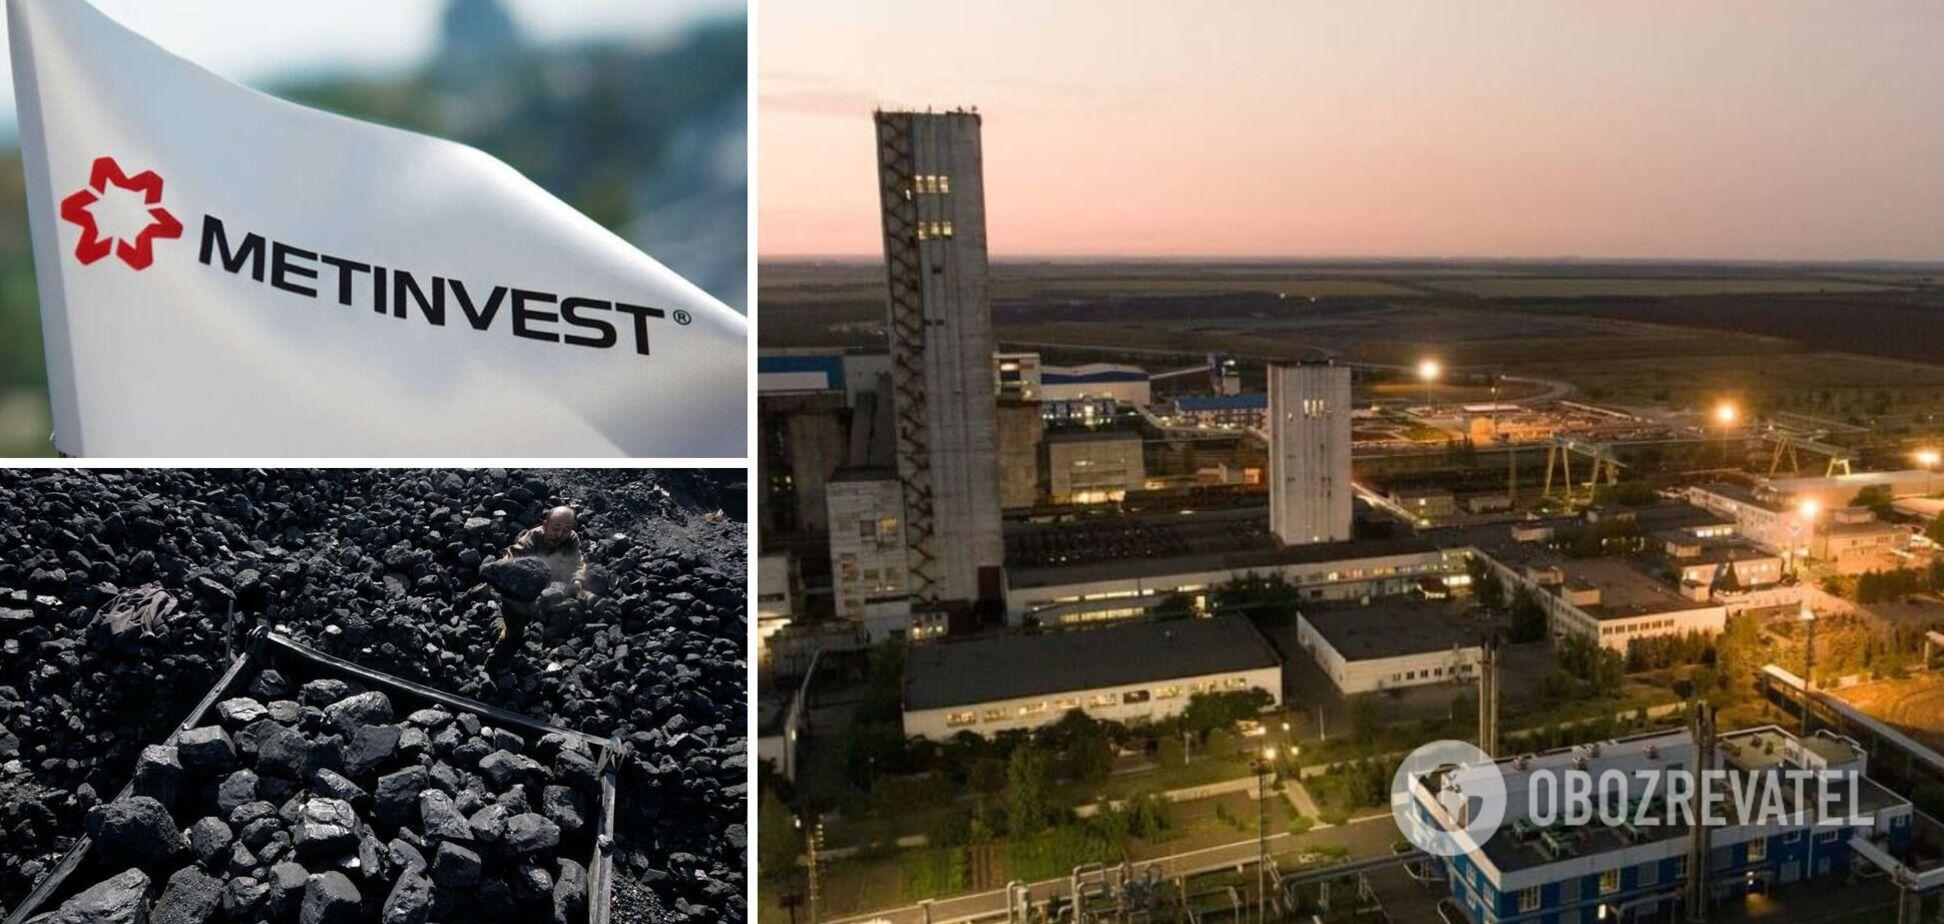 Сможет ли новая сделка 'Метинвеста' повлиять на реинтеграцию ОРДЛО: эксперты дали оценку